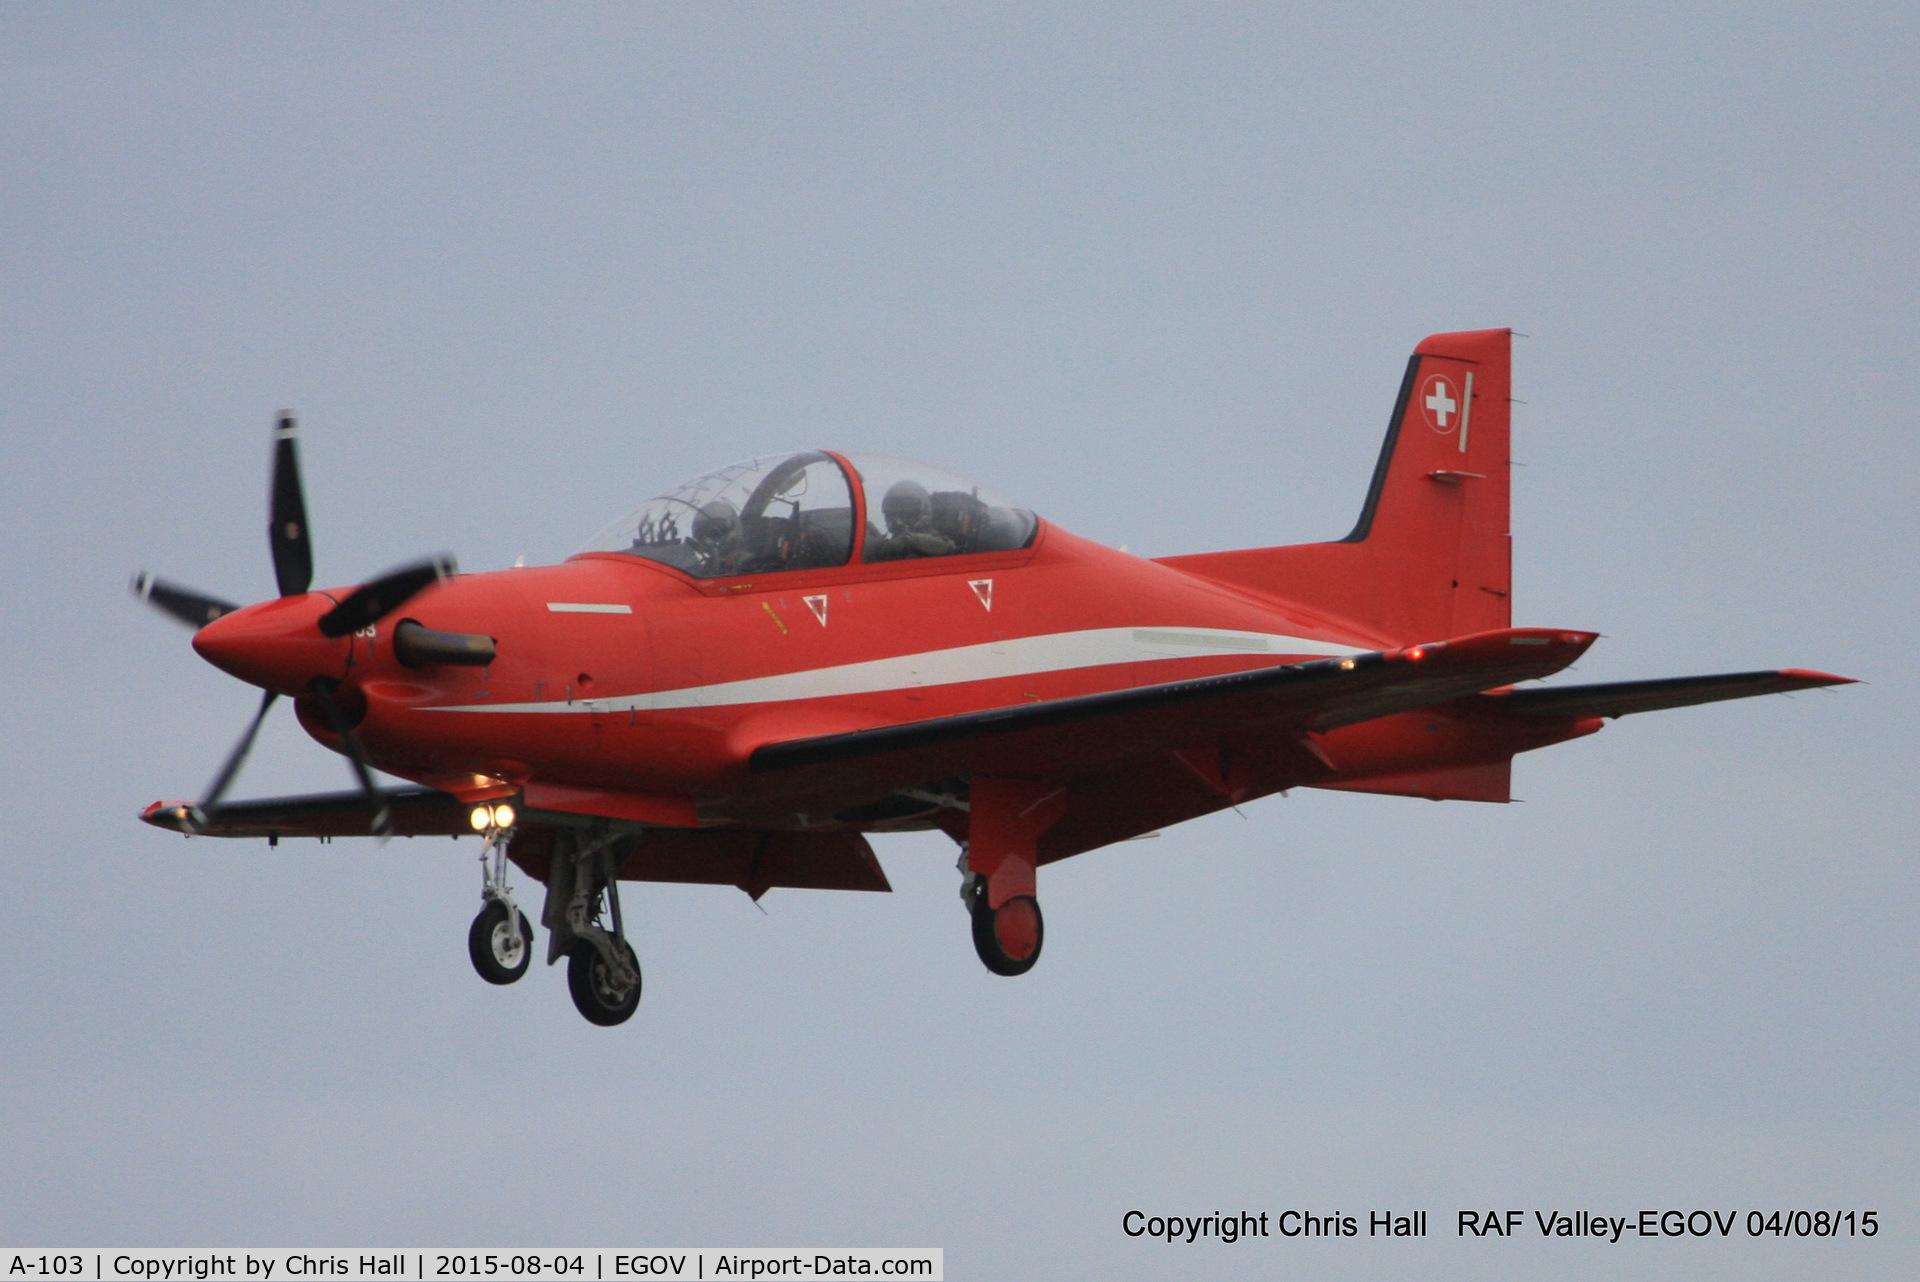 A-103, 2007 Pilatus PC-21 C/N 105, Swiss Air Force